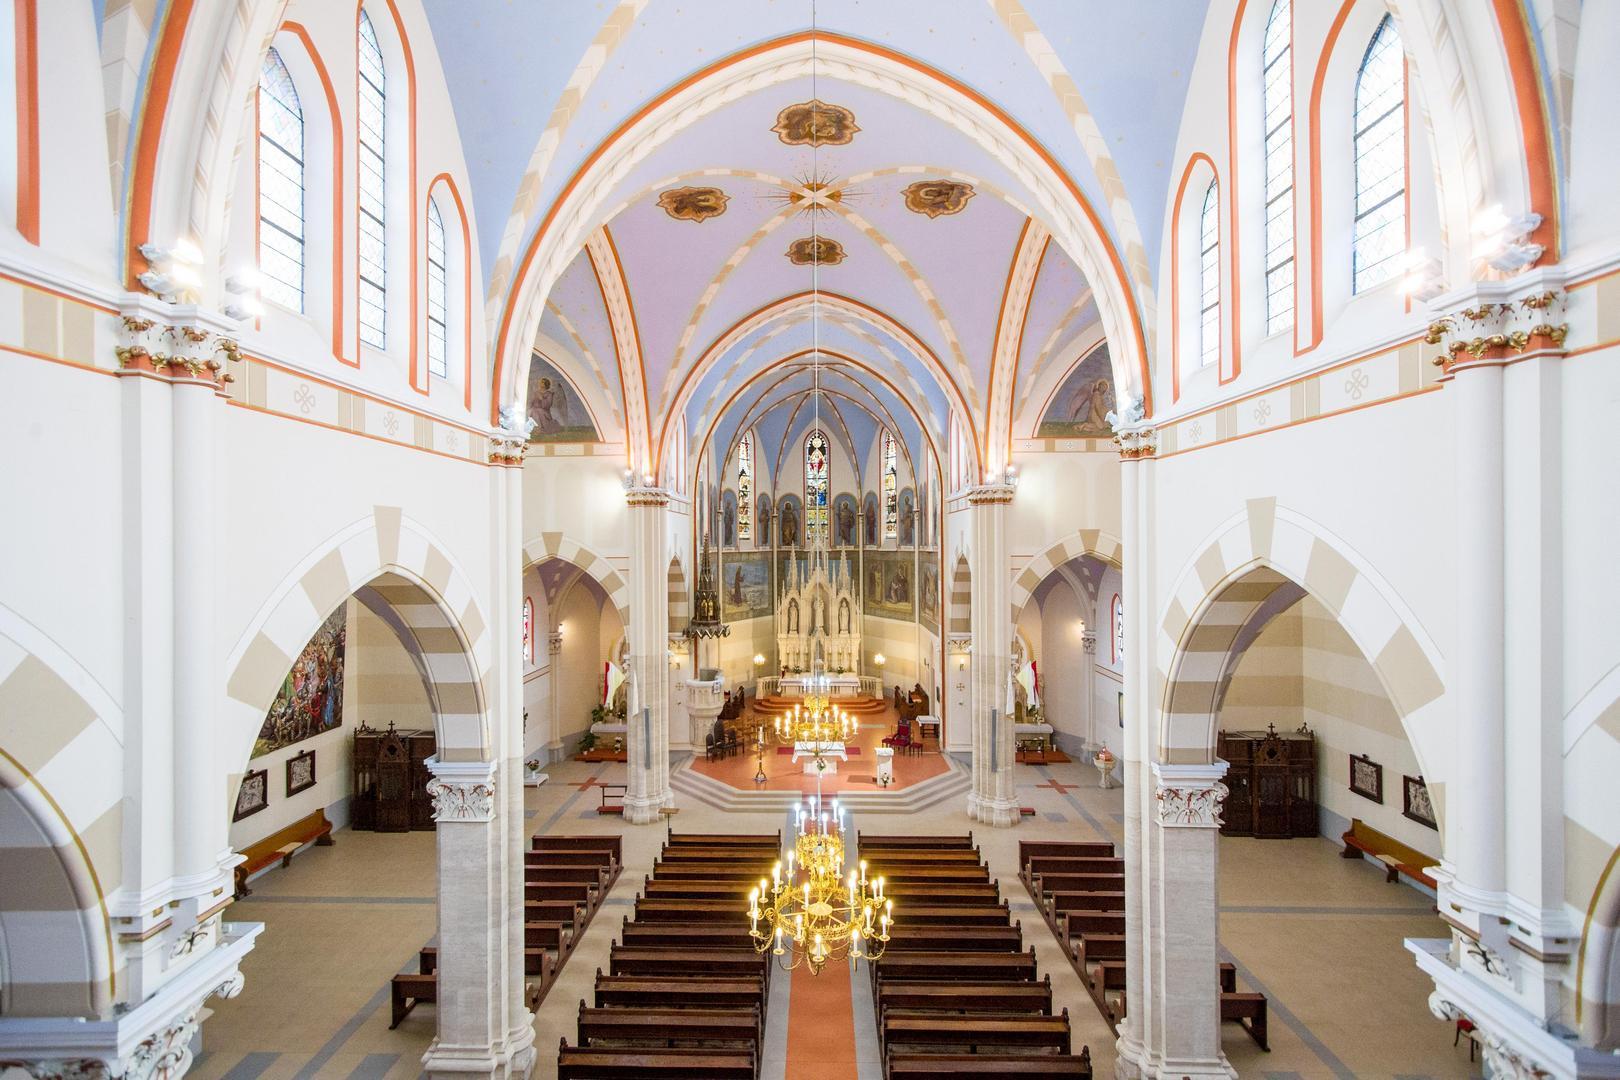 A Páduai Szent Antal templom főhajója és az IVS vonalsugárzók